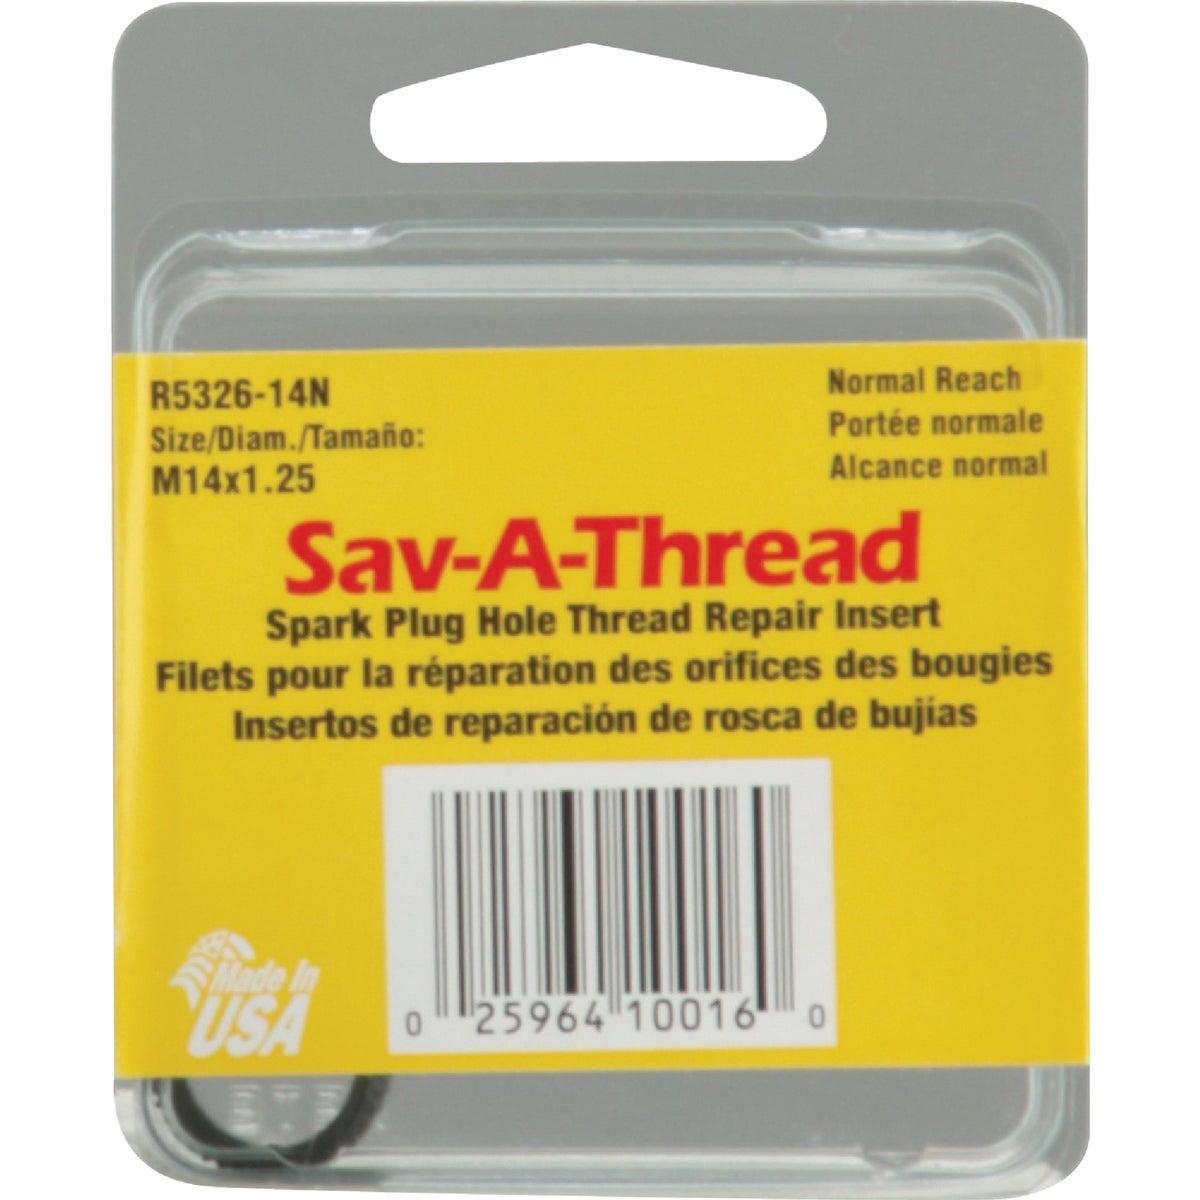 Thread Insert